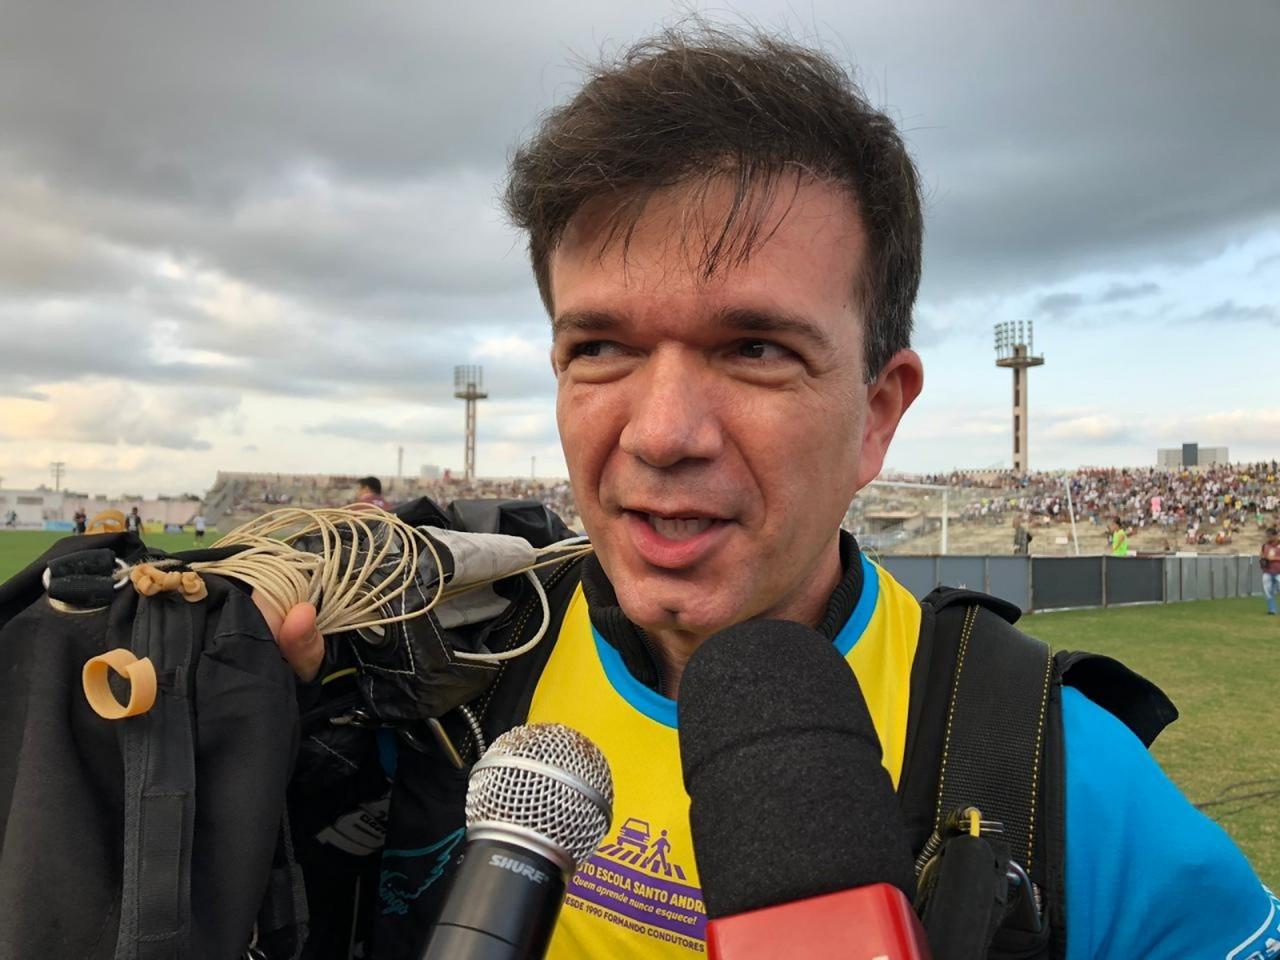 photo 2019 08 24 16 41 21 - SANFONEIRO ALADO: Waldonys desce de paraquedas no meio do estádio Amigão tocando hino na sanfona - VEJA VÍDEO